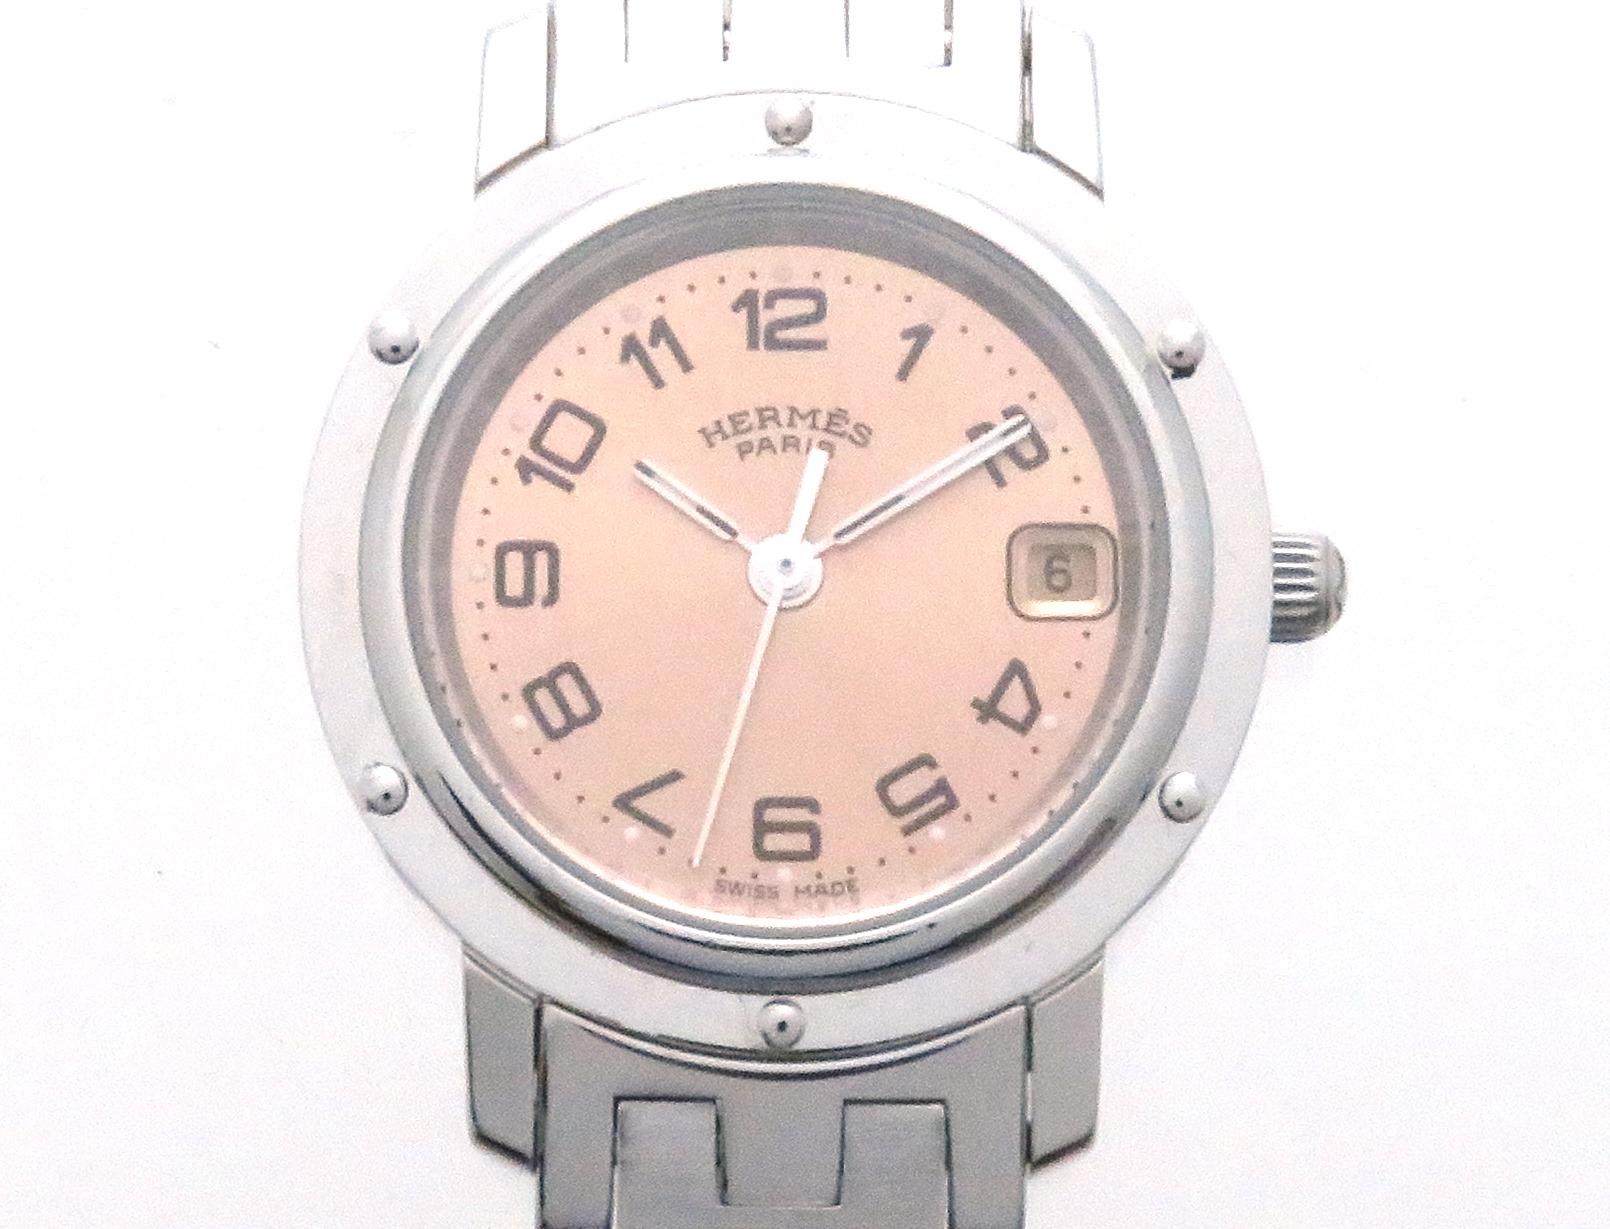 HERMES エルメス クリッパー CL4.210 クオーツ レディース腕時計 ステンレススチール 【205】